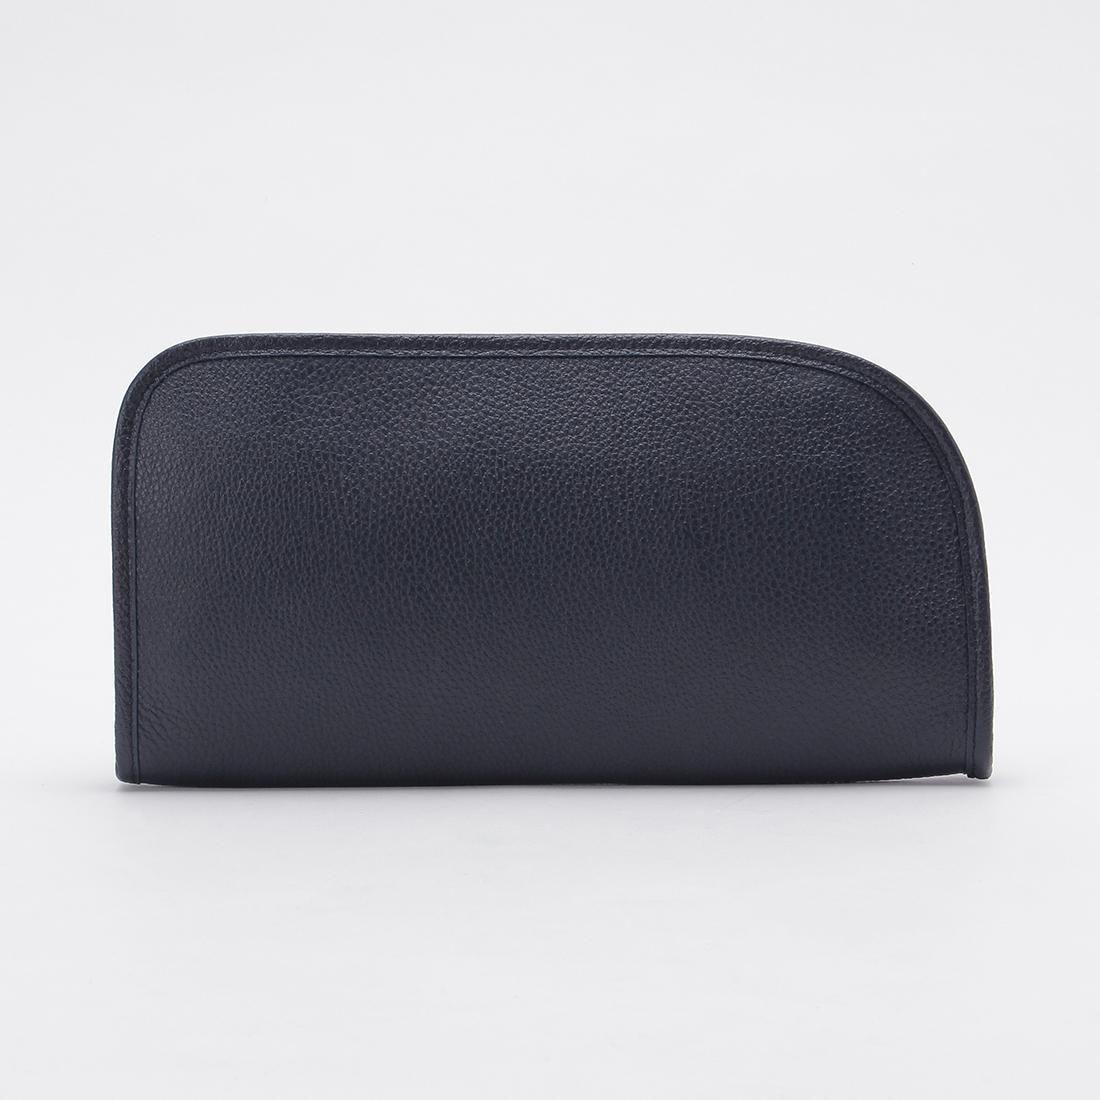 Clutch Bag 2012683: Navy